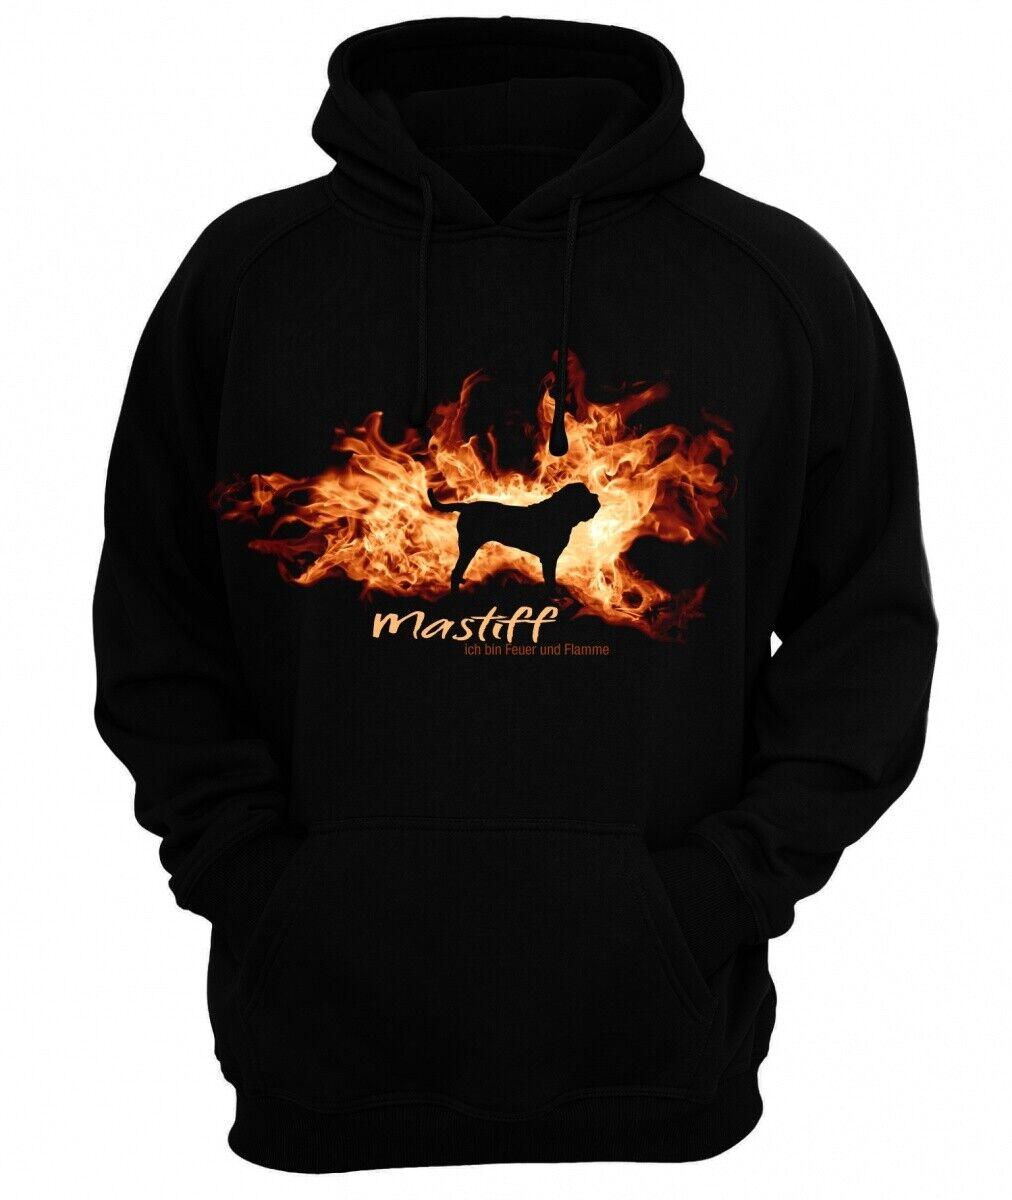 Sweatshirt MASTIFF FEUER UND FLAMME by Siviwonder Hoodie